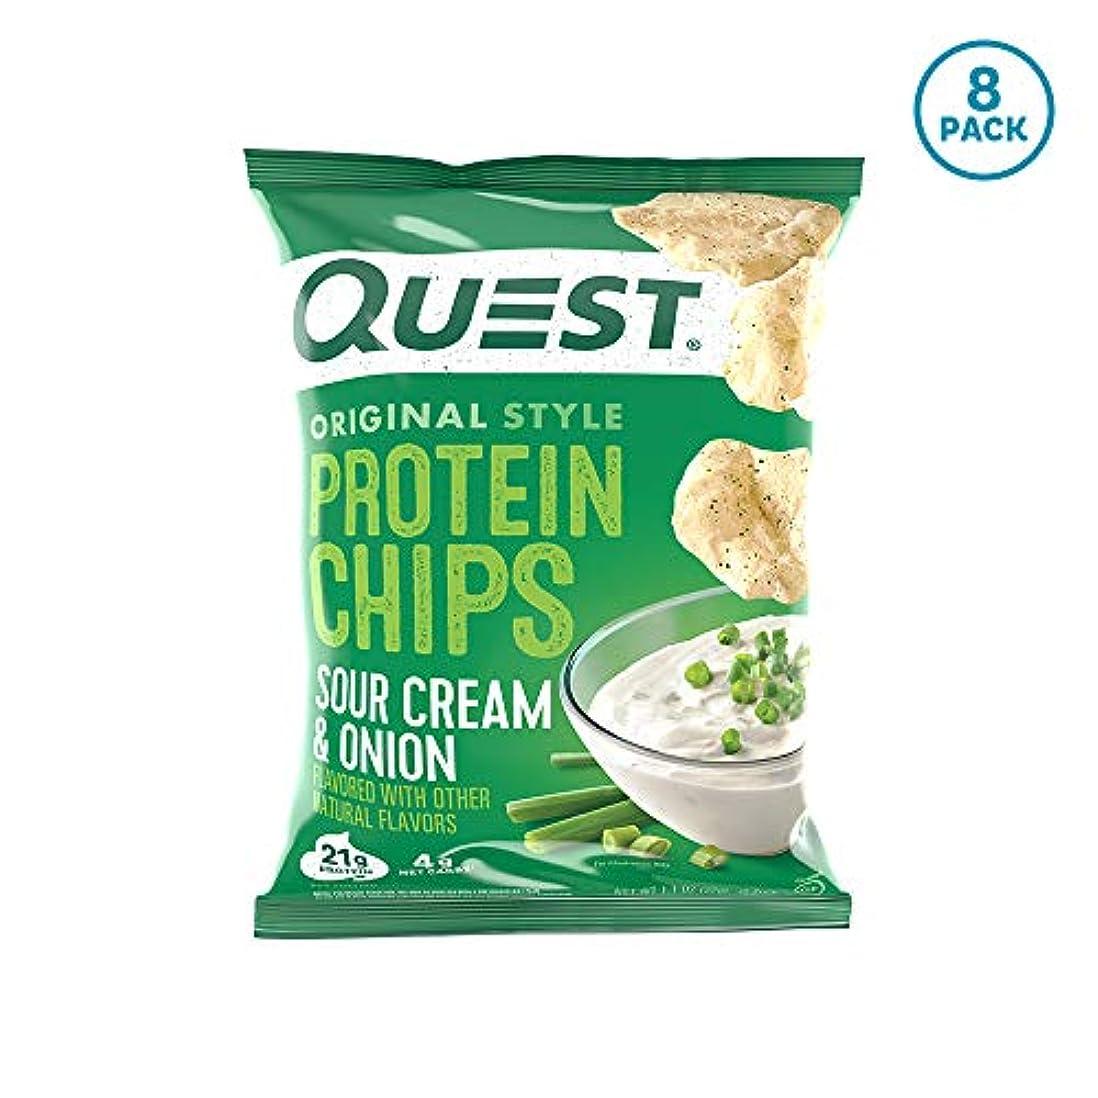 シュリンクサービス警察プロテイン チップス サワークリーム&オニオン フレイバー クエスト 8袋セット 並行輸入品 Quest Nutrition Protein Chips Sour Cream & Onion Pack of 8 海外直送品